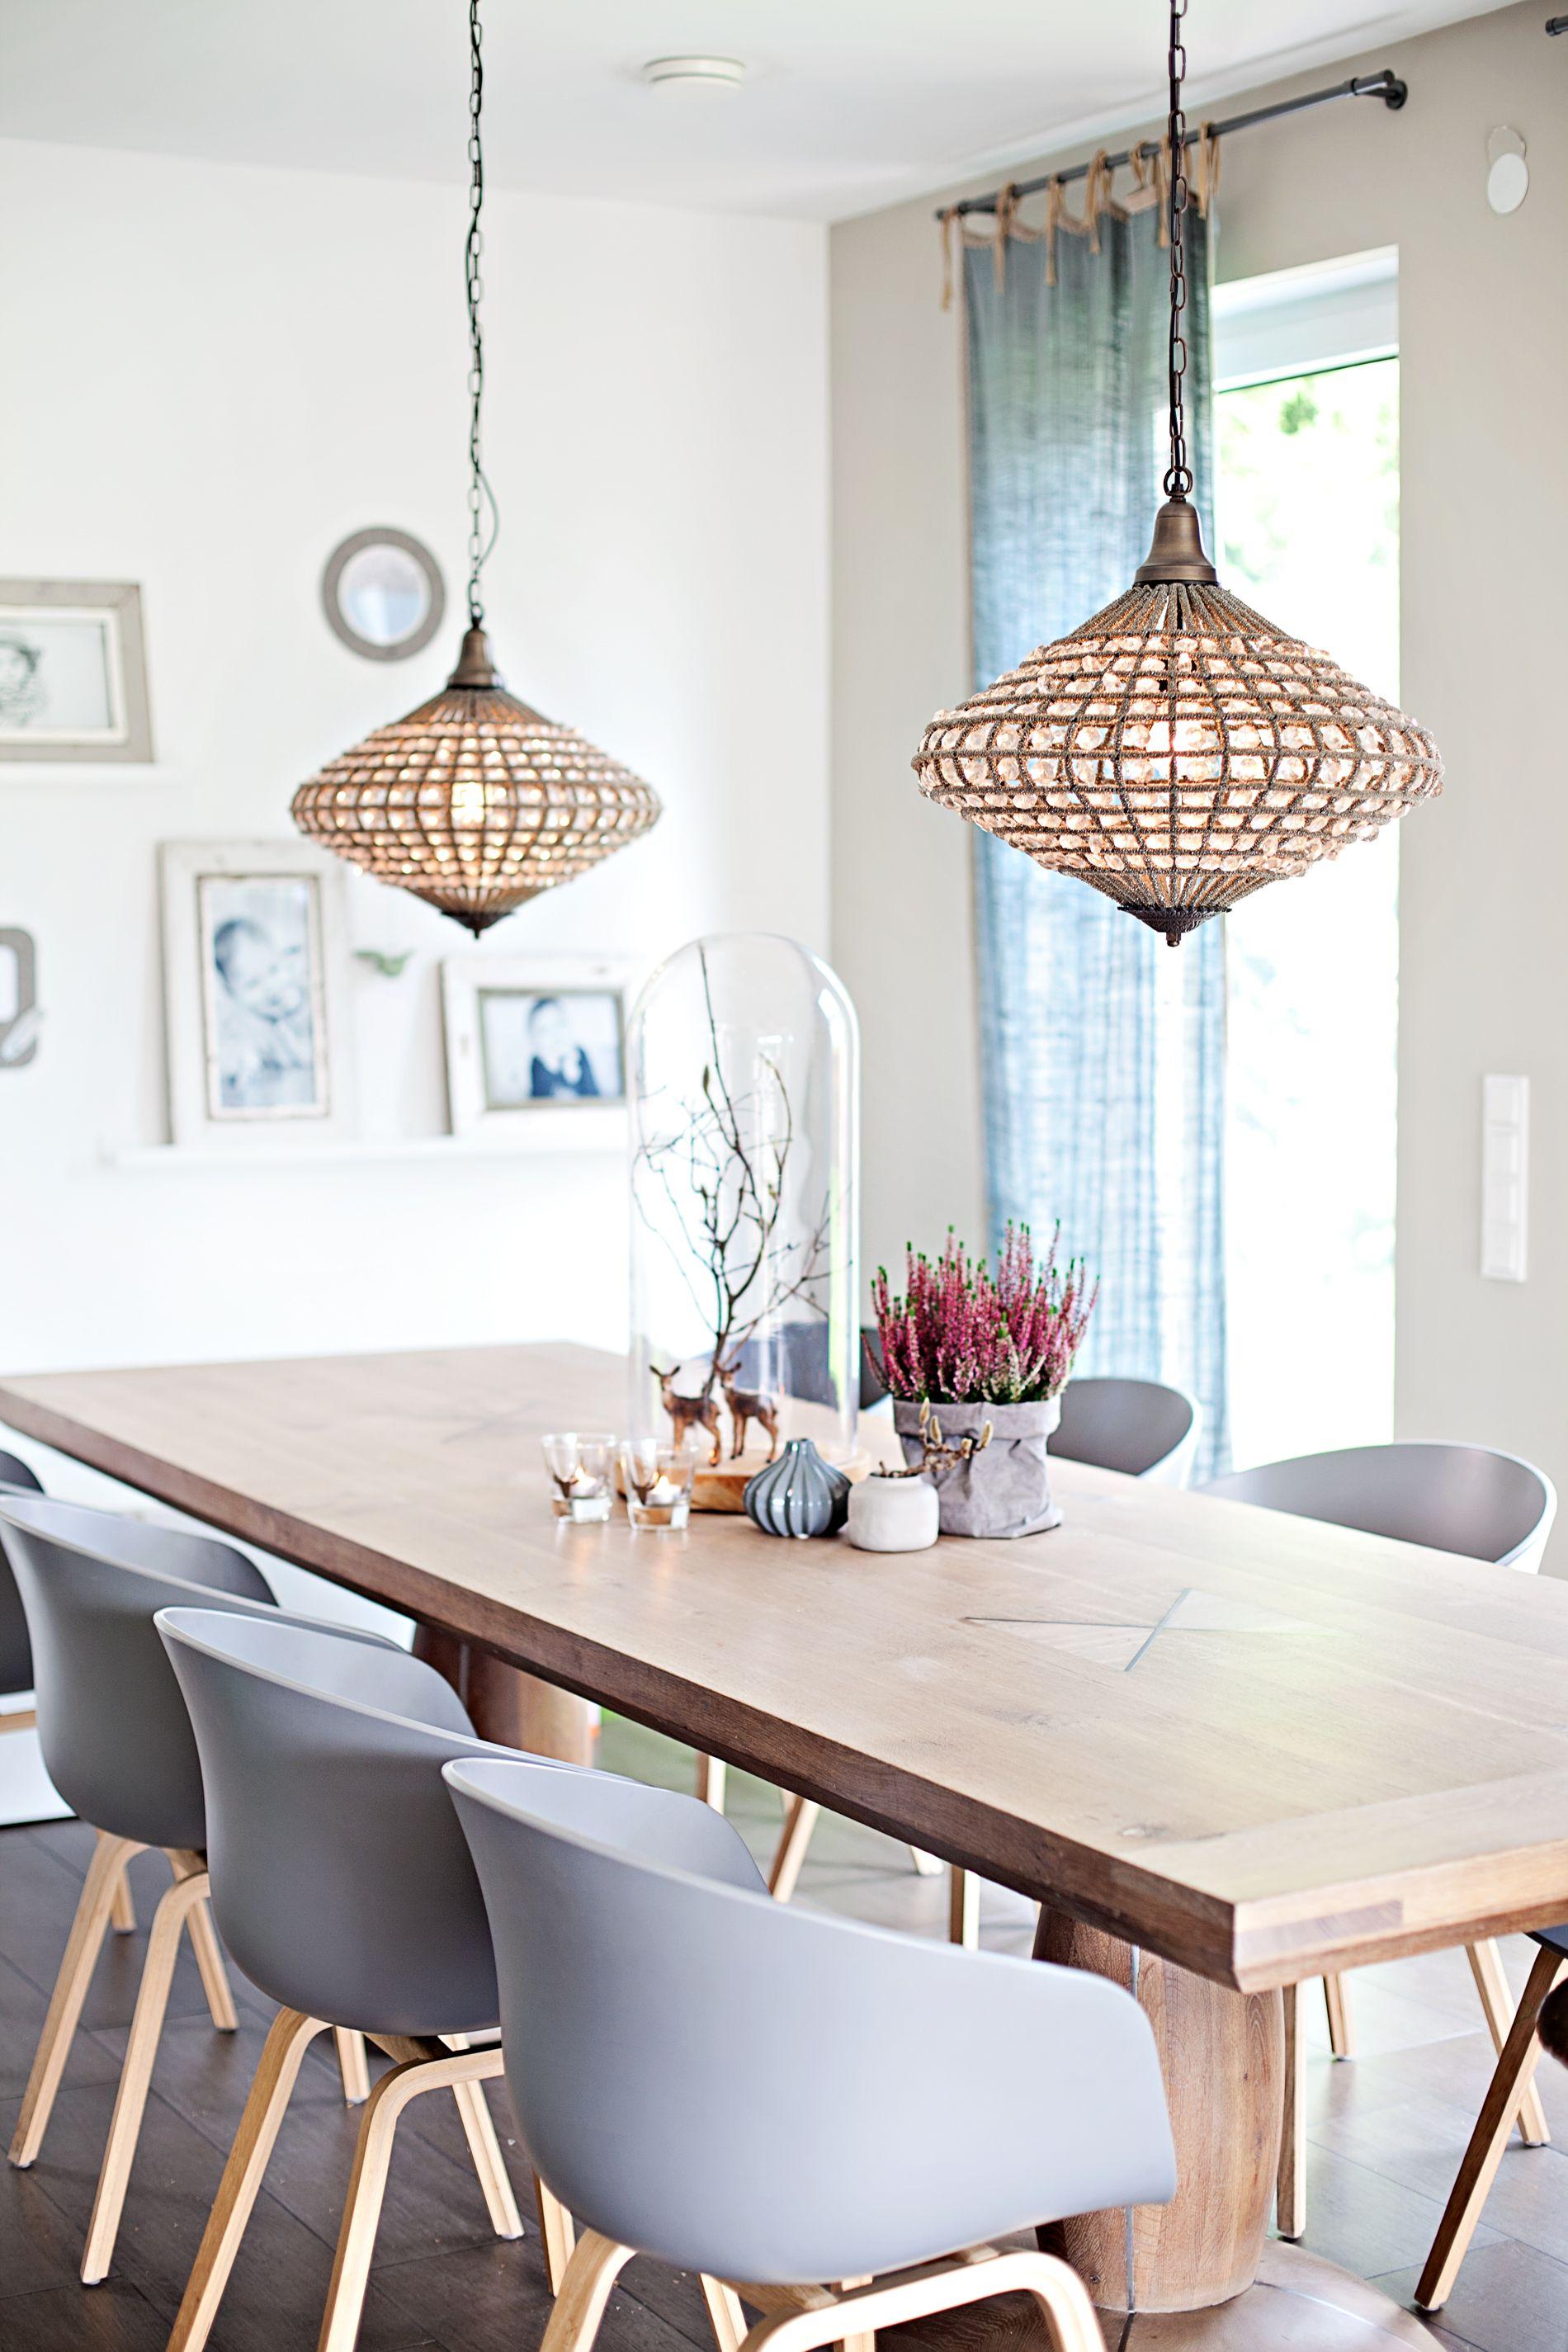 Küchen-designmöbel licht an  interiors room and dining